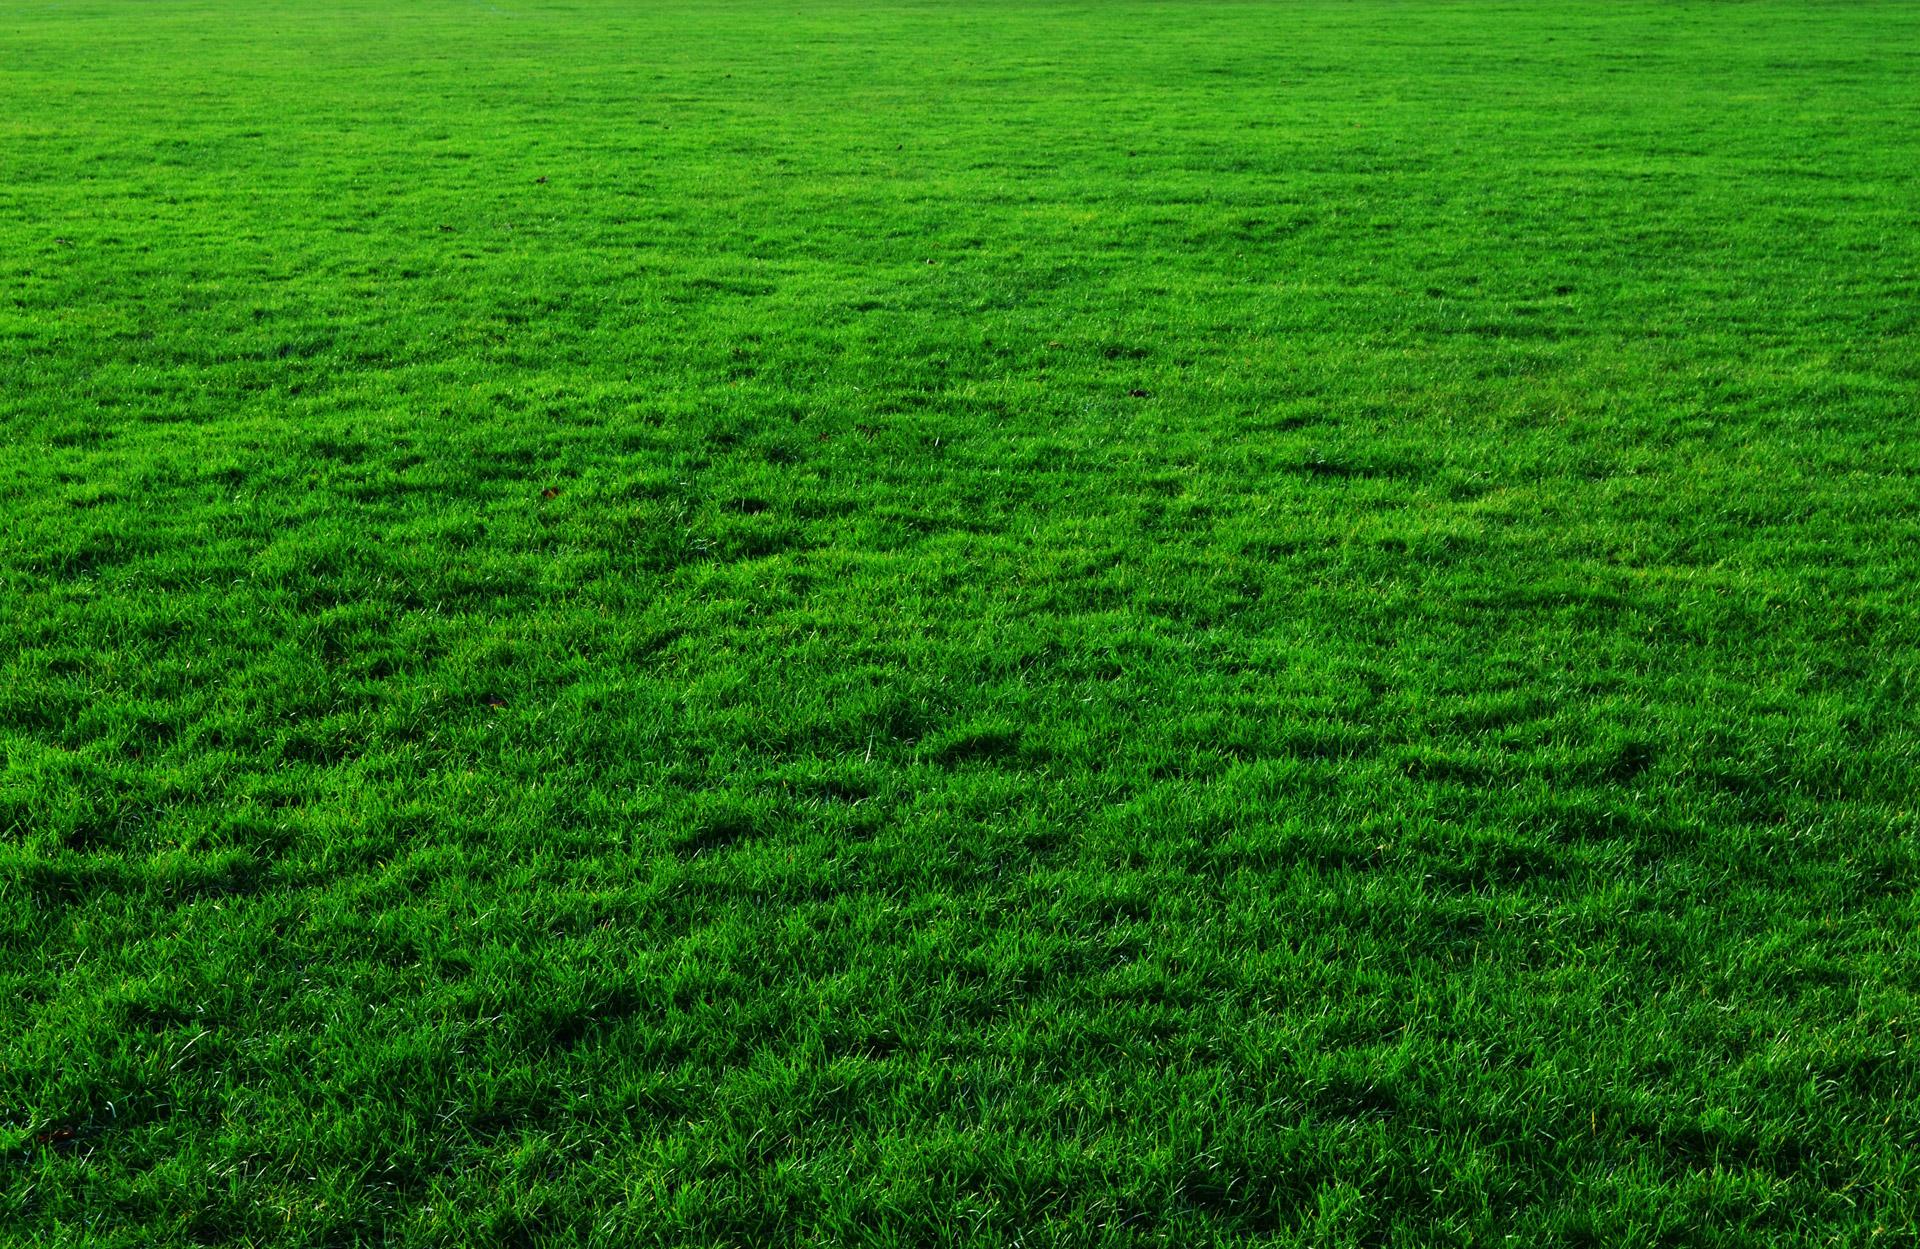 газон зеленый, зеленая трава скачать обои для рабочего стола, grass